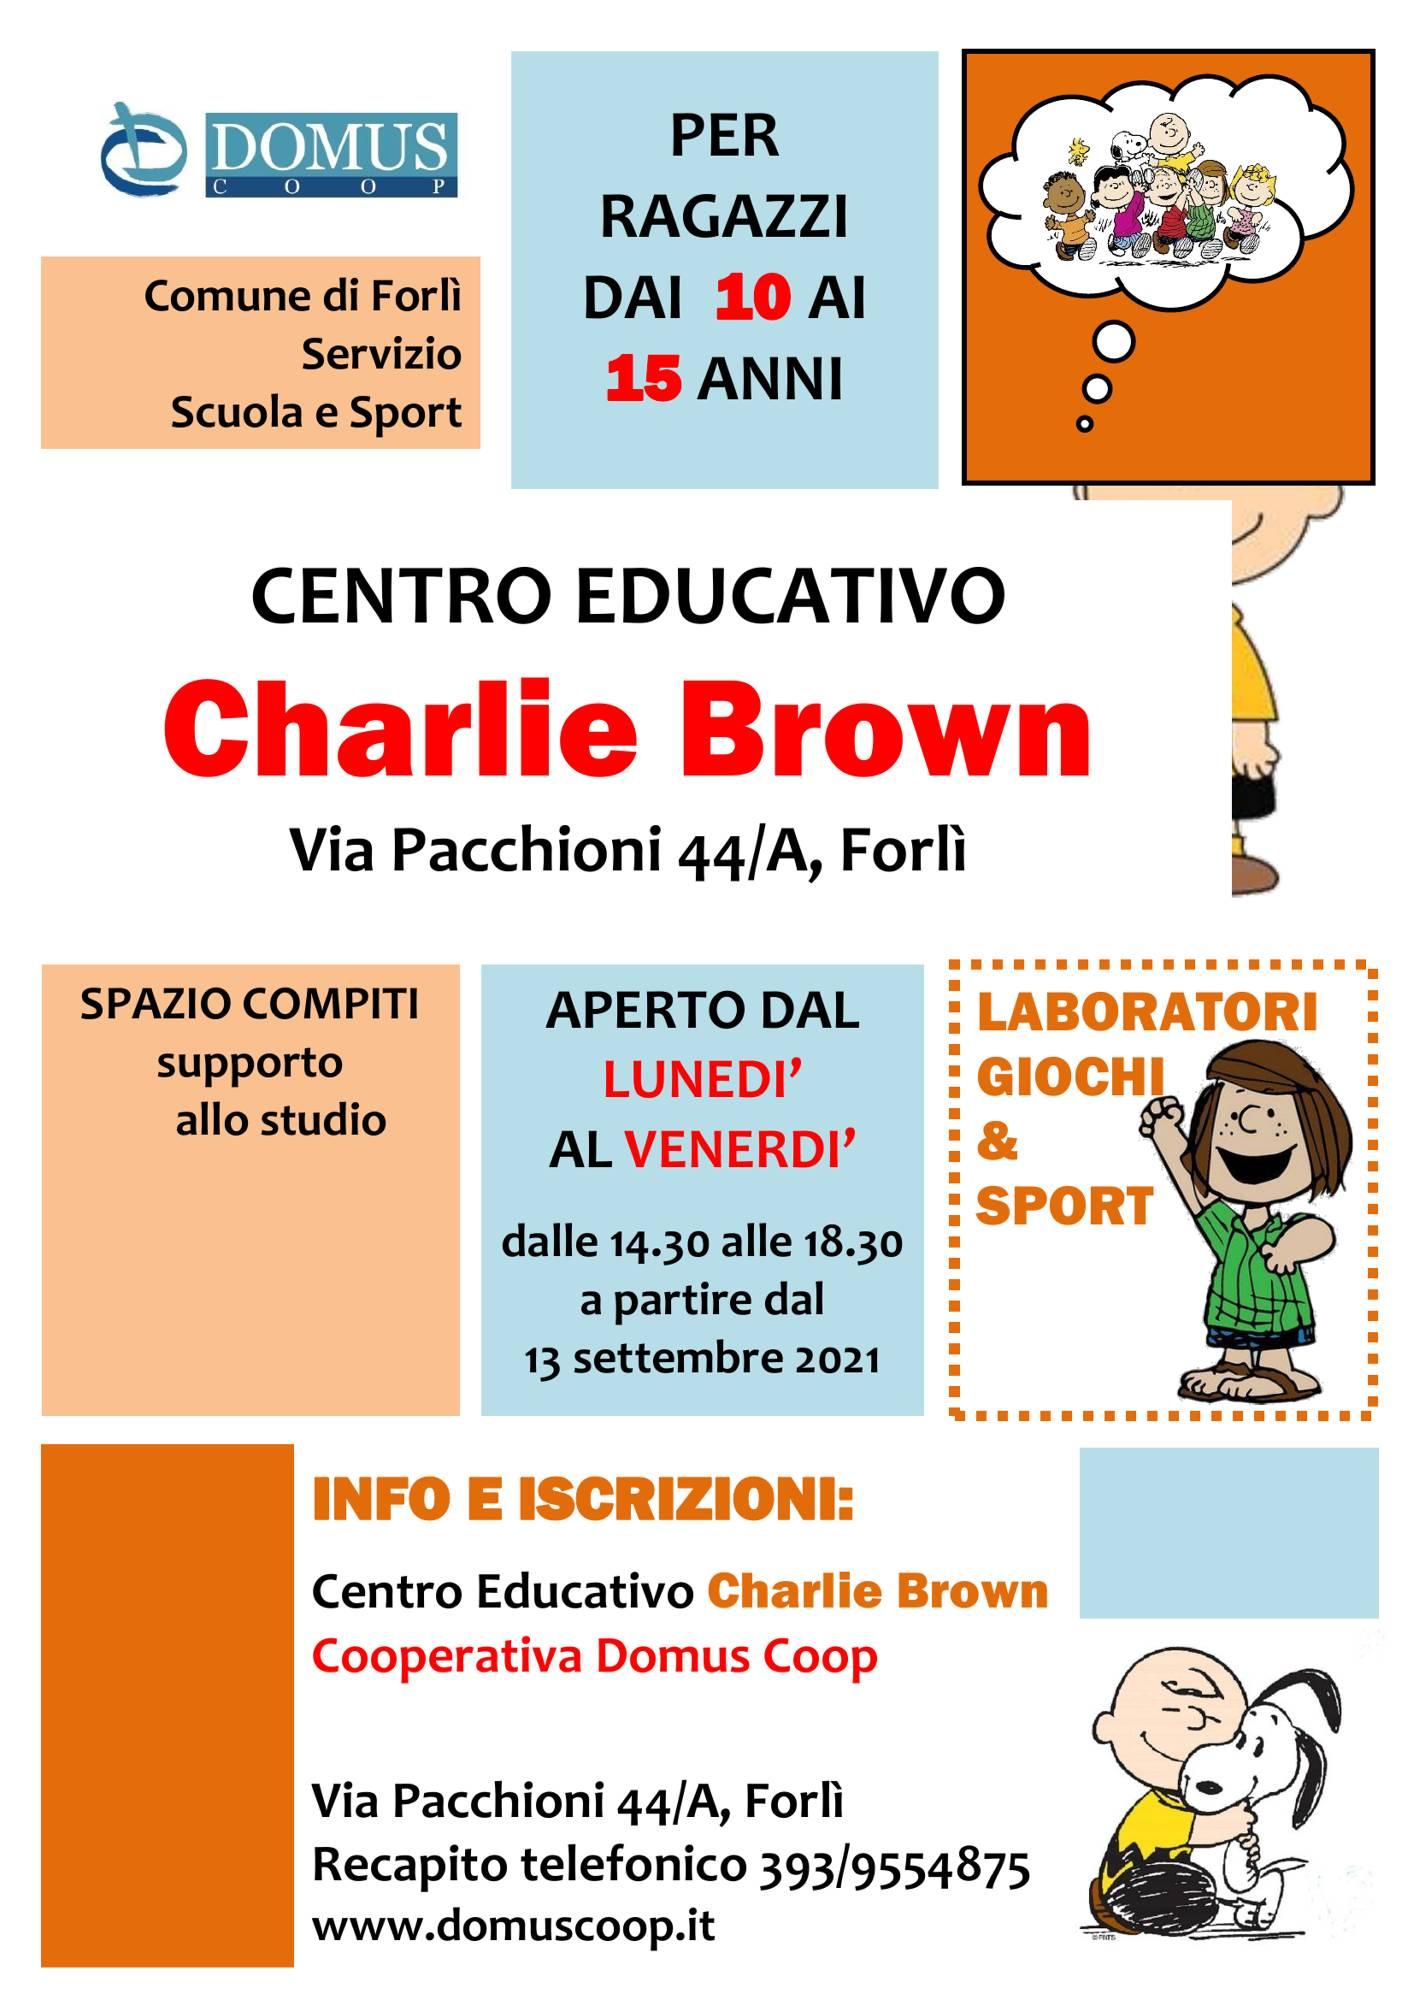 Riprendono le attività del centro educativo Charlie Brown